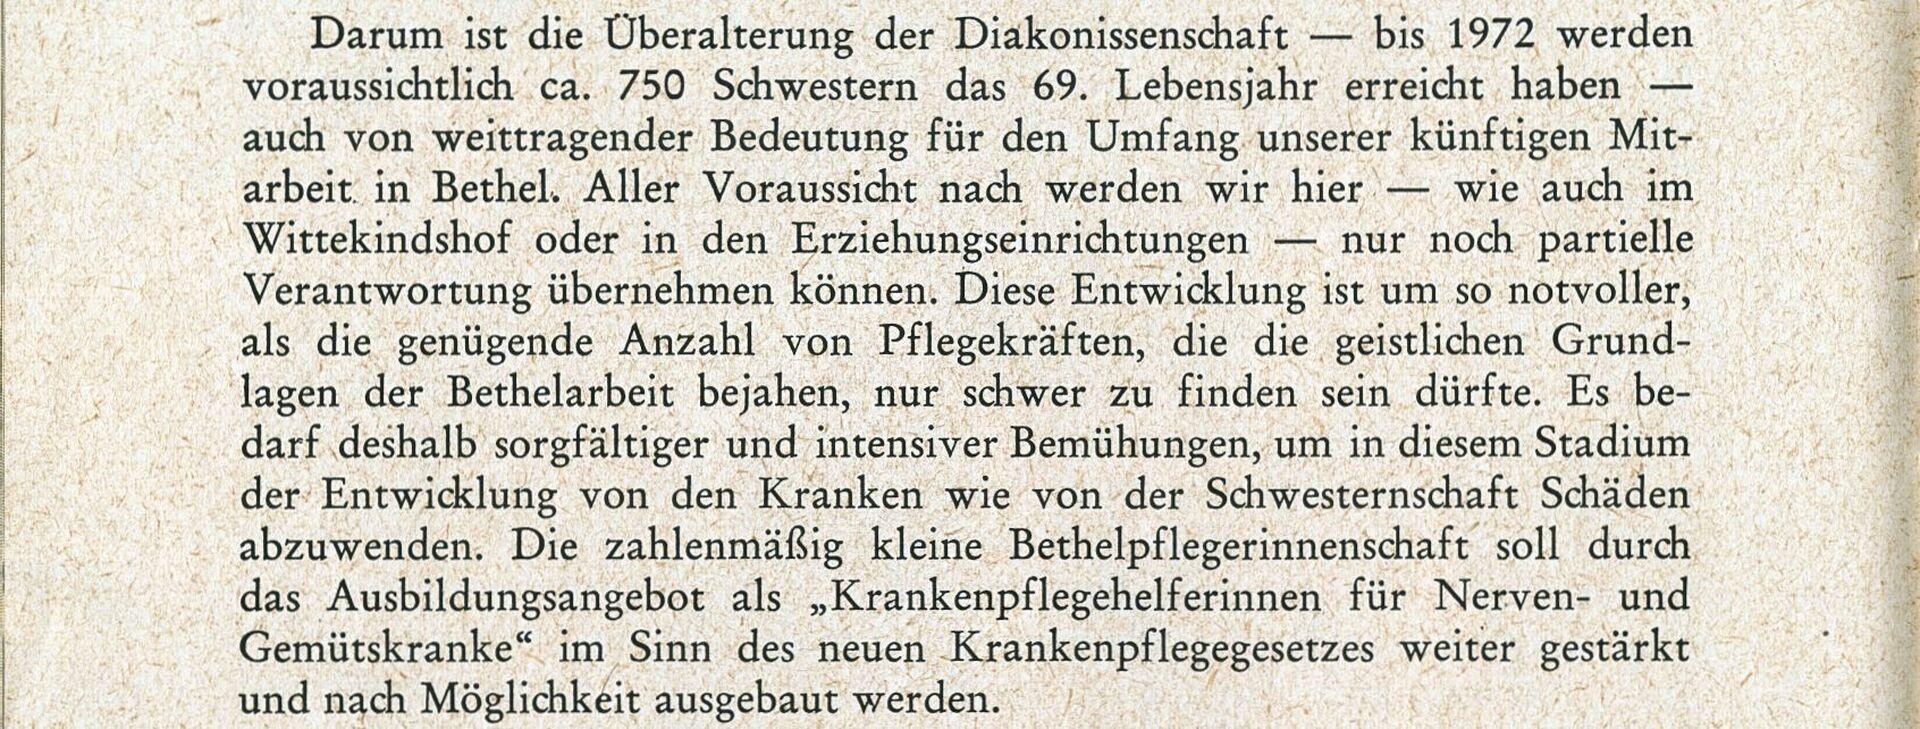 Nachwuchsmangel 3_Auszug Arbeitsbericht 1965-1966, Seite 26_143x54.jpg